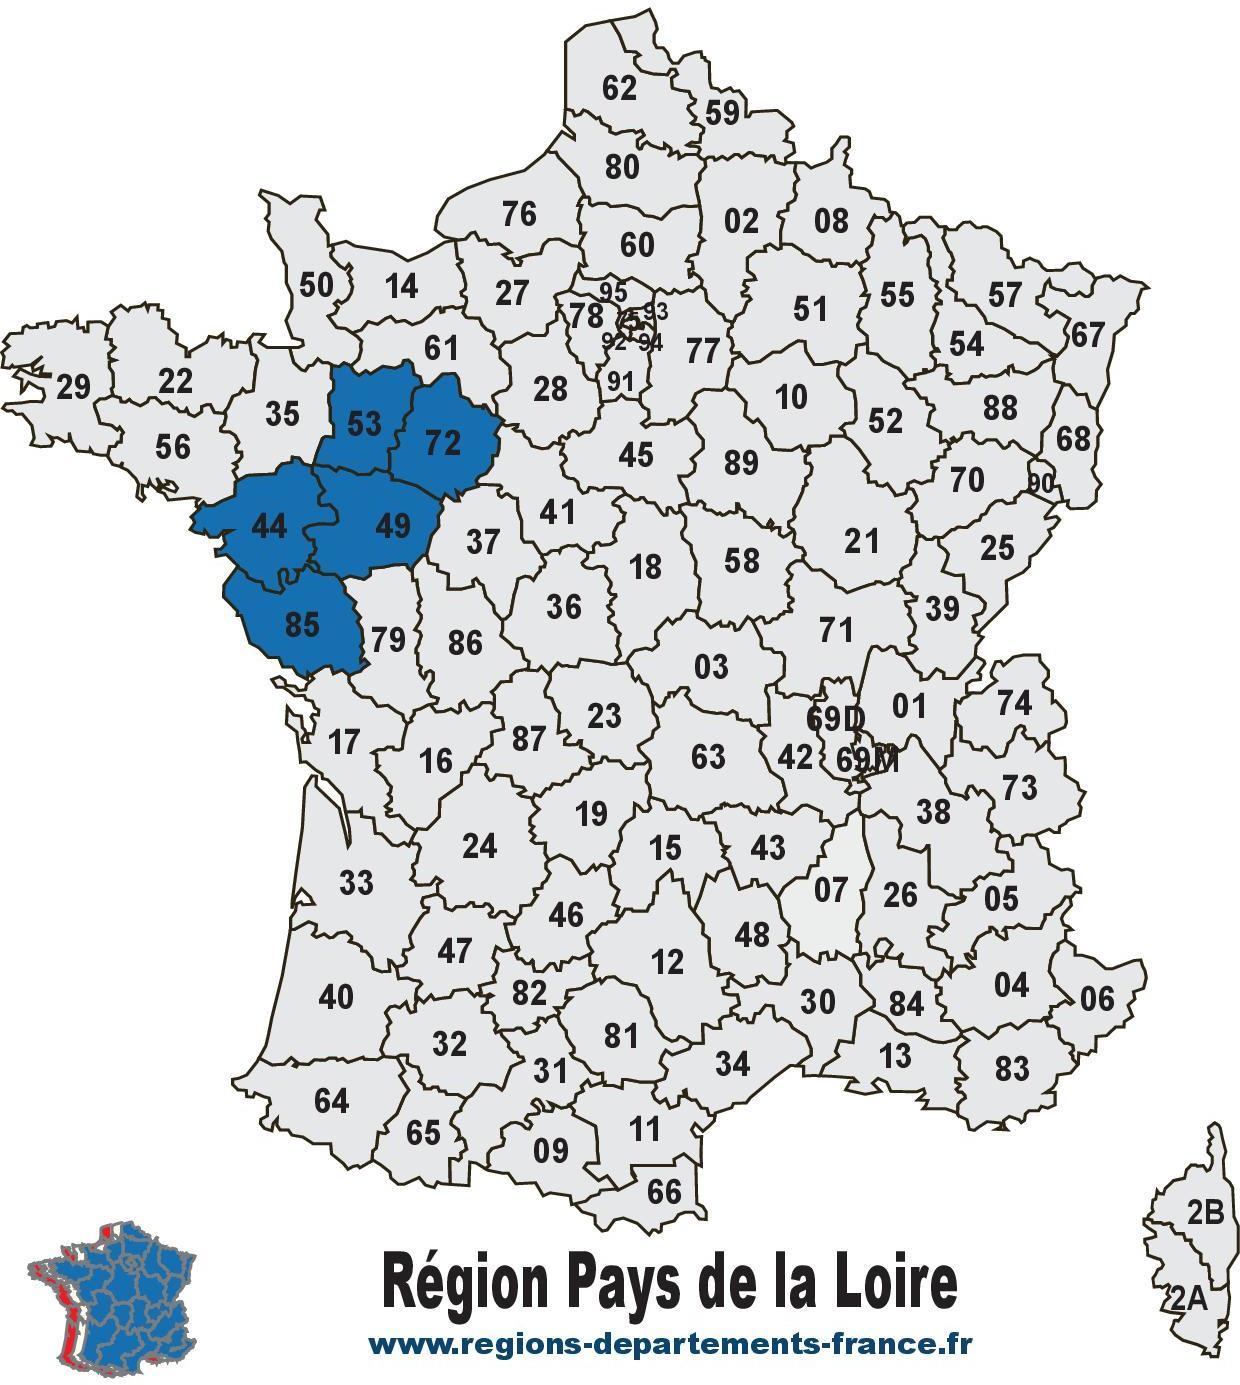 Région Pays de la Loire : localisation, carte et départements.